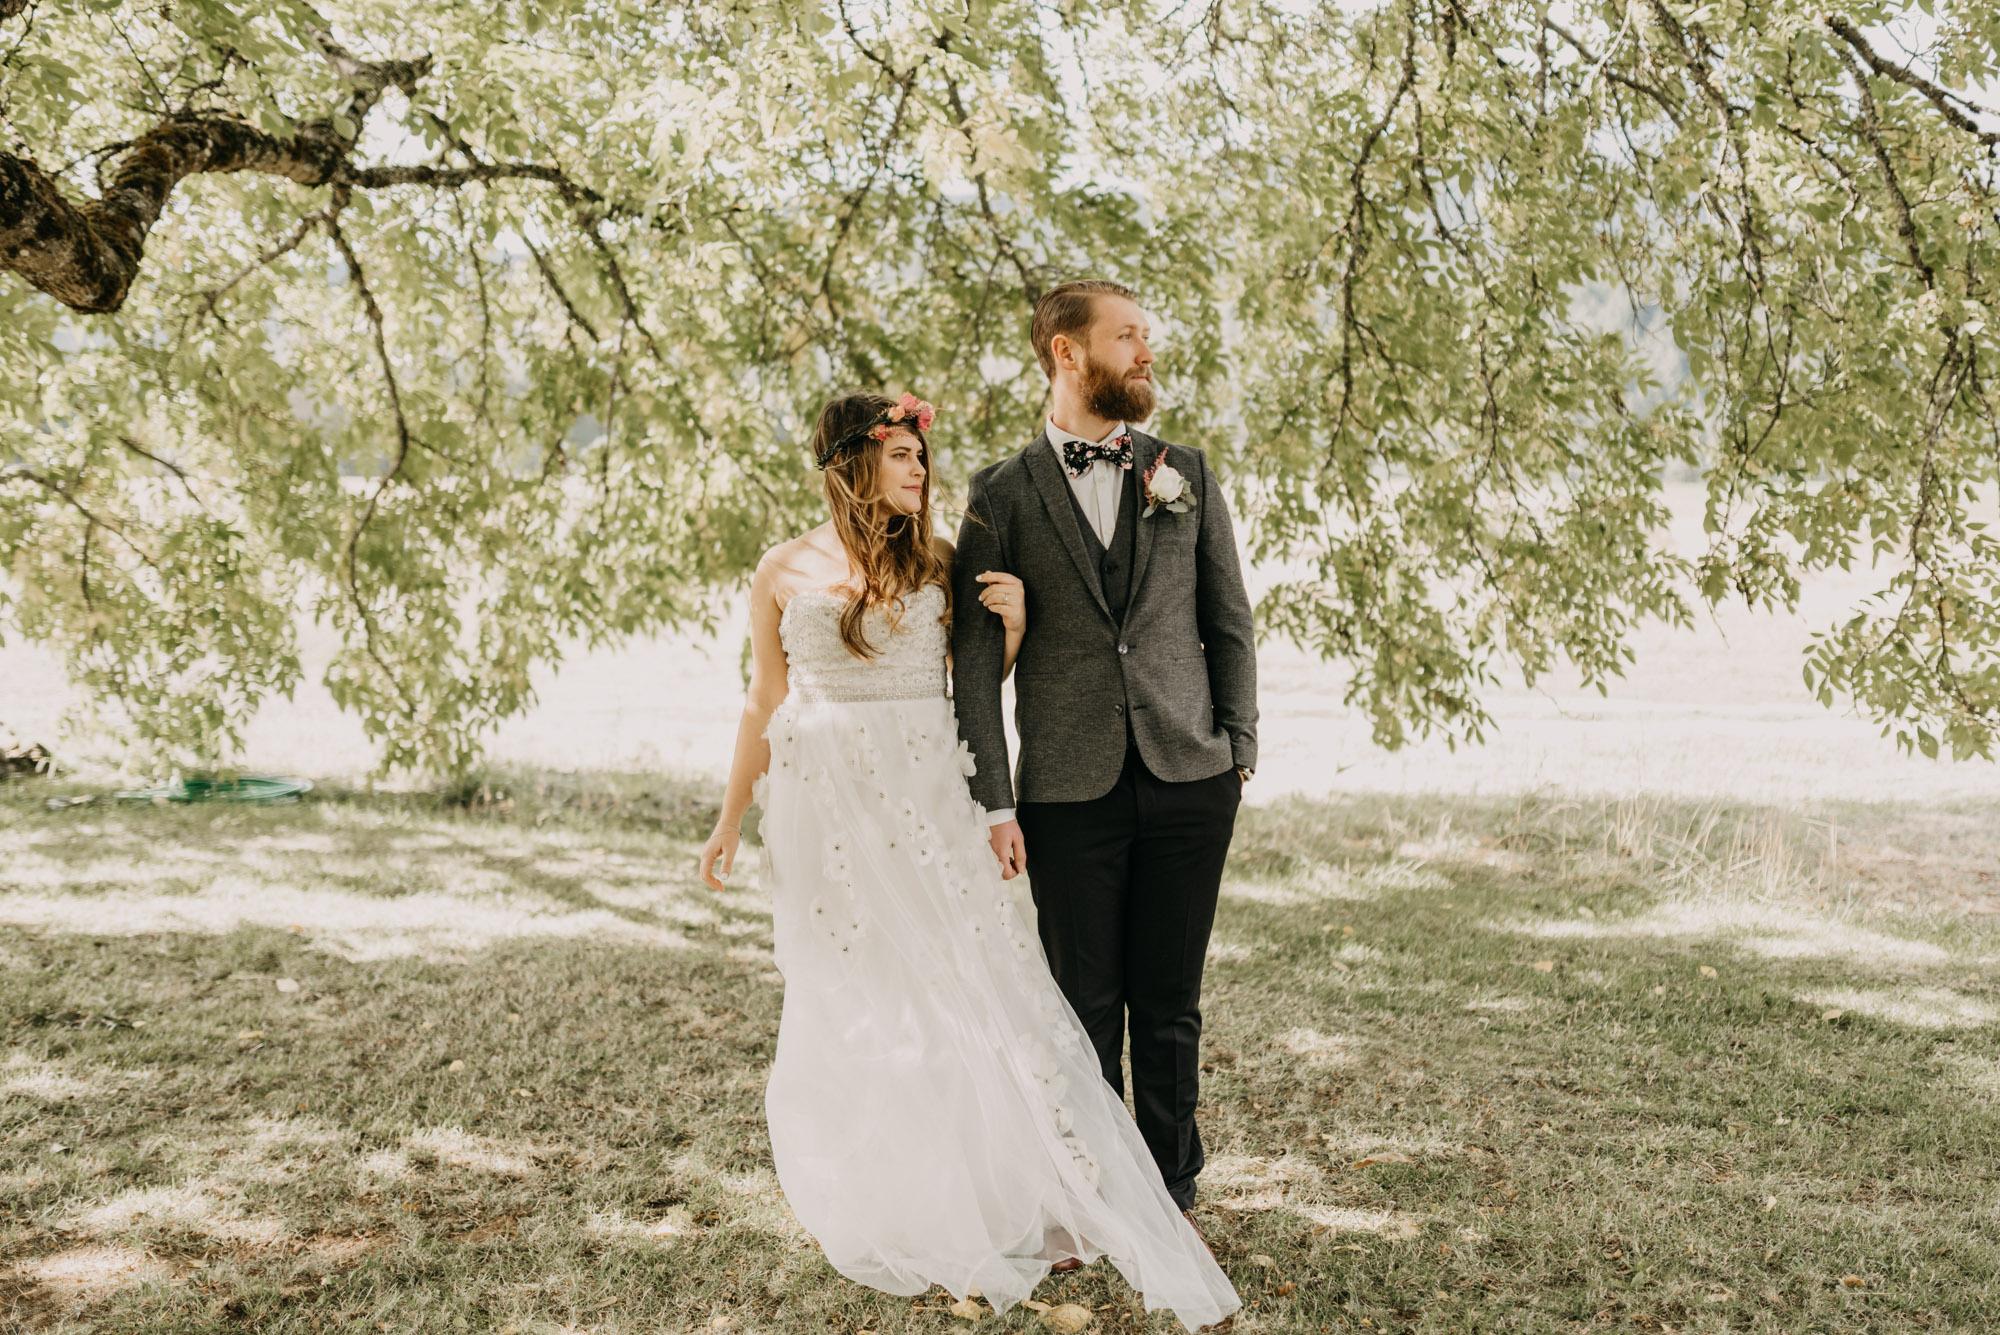 Outdoor-First-Look-Washington-Wedding-Barn-Door-8328.jpg